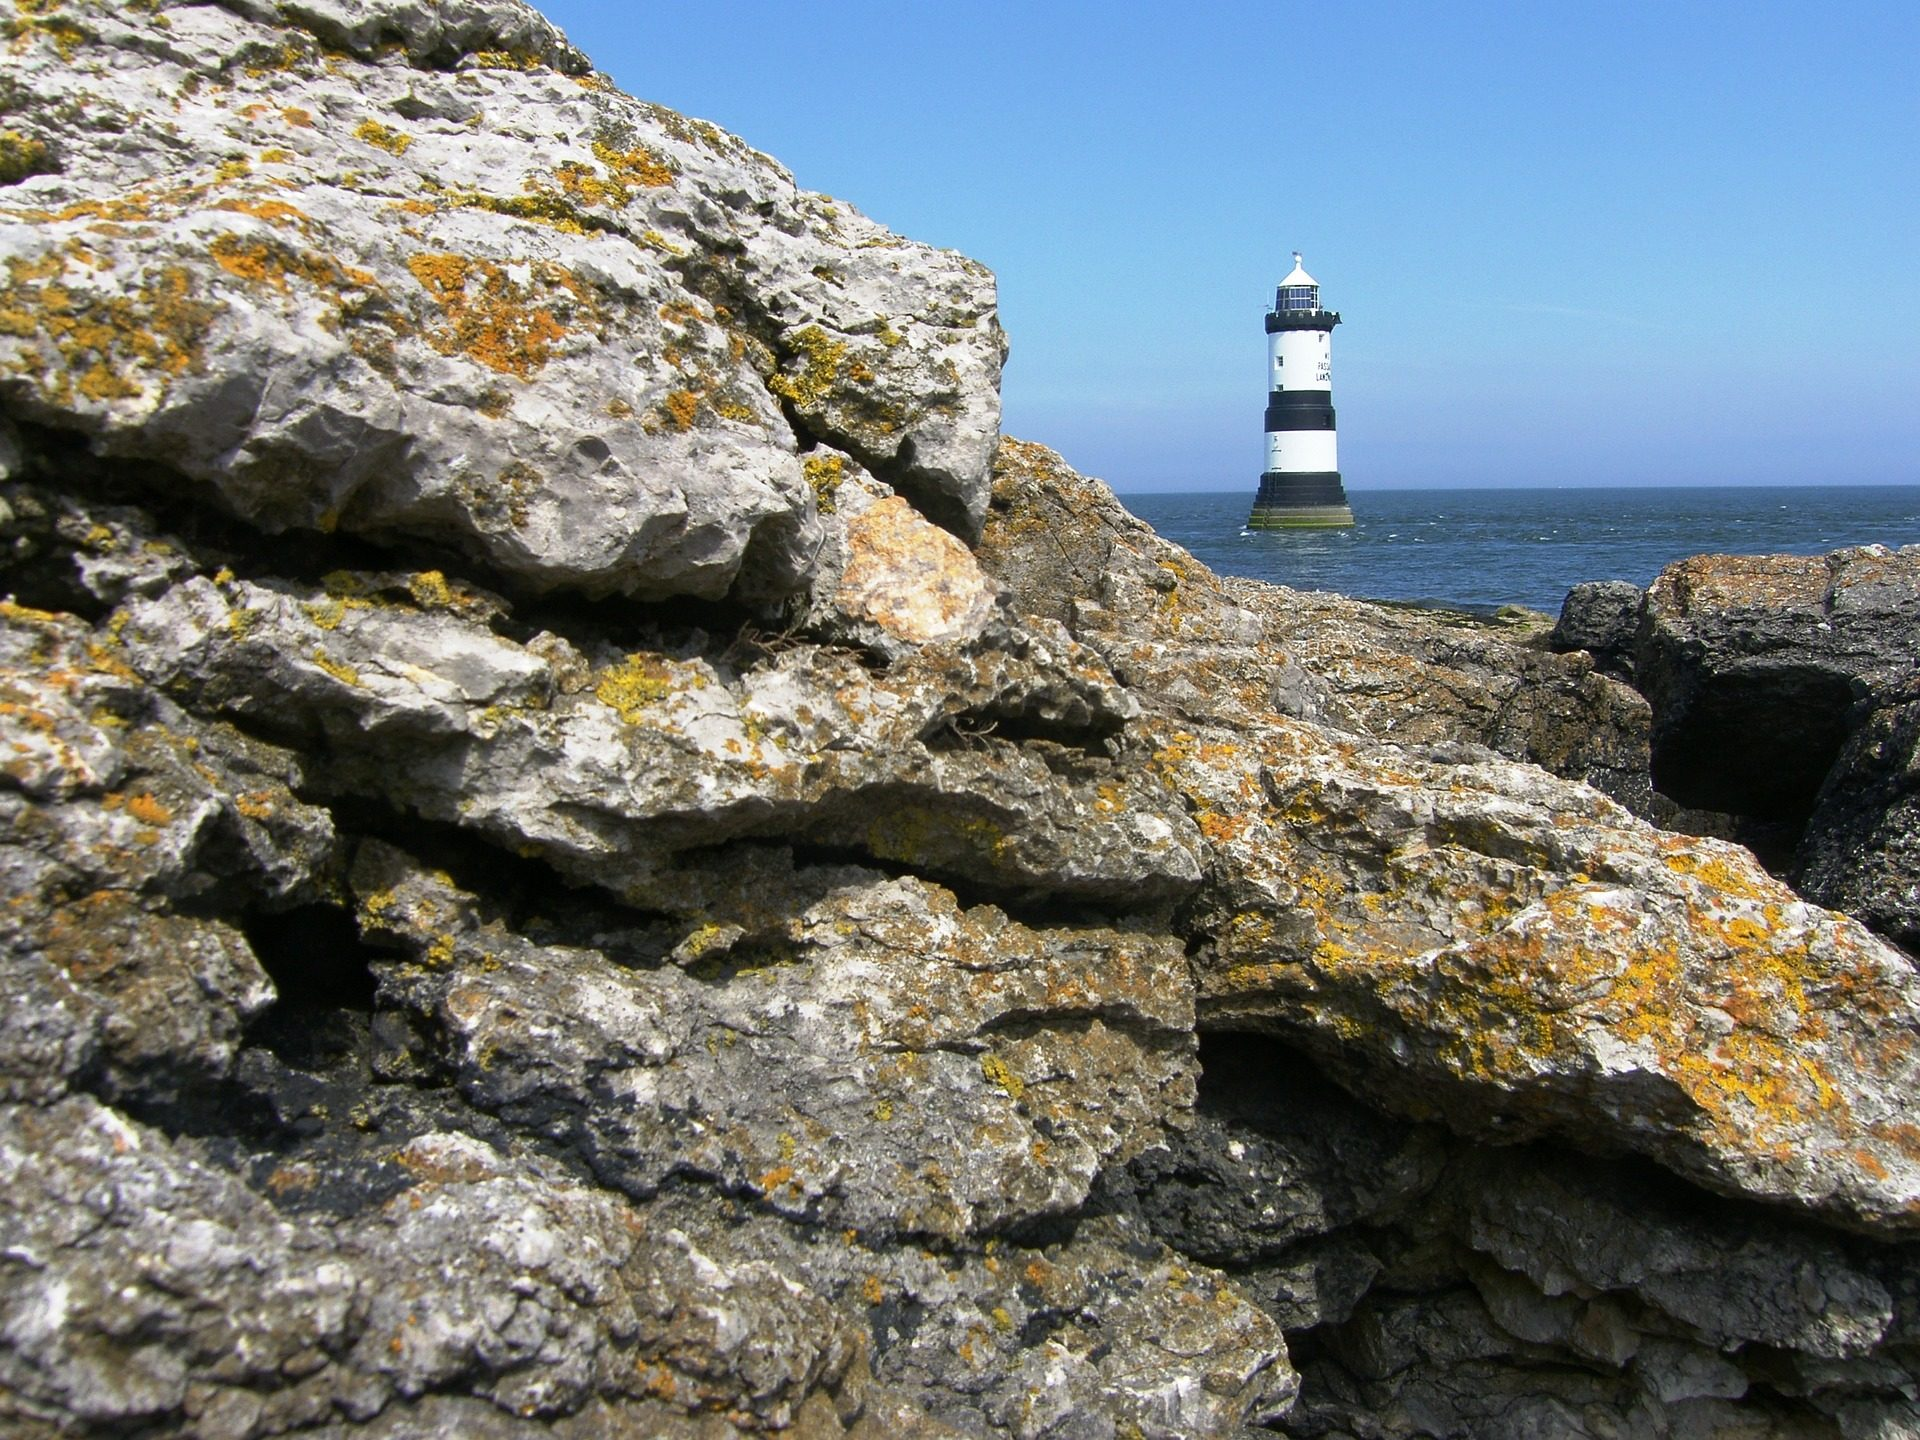 الصخور, المنارة, البحر, كوستا, المحيط, دليل, Vigia - خلفيات عالية الدقة - أستاذ falken.com